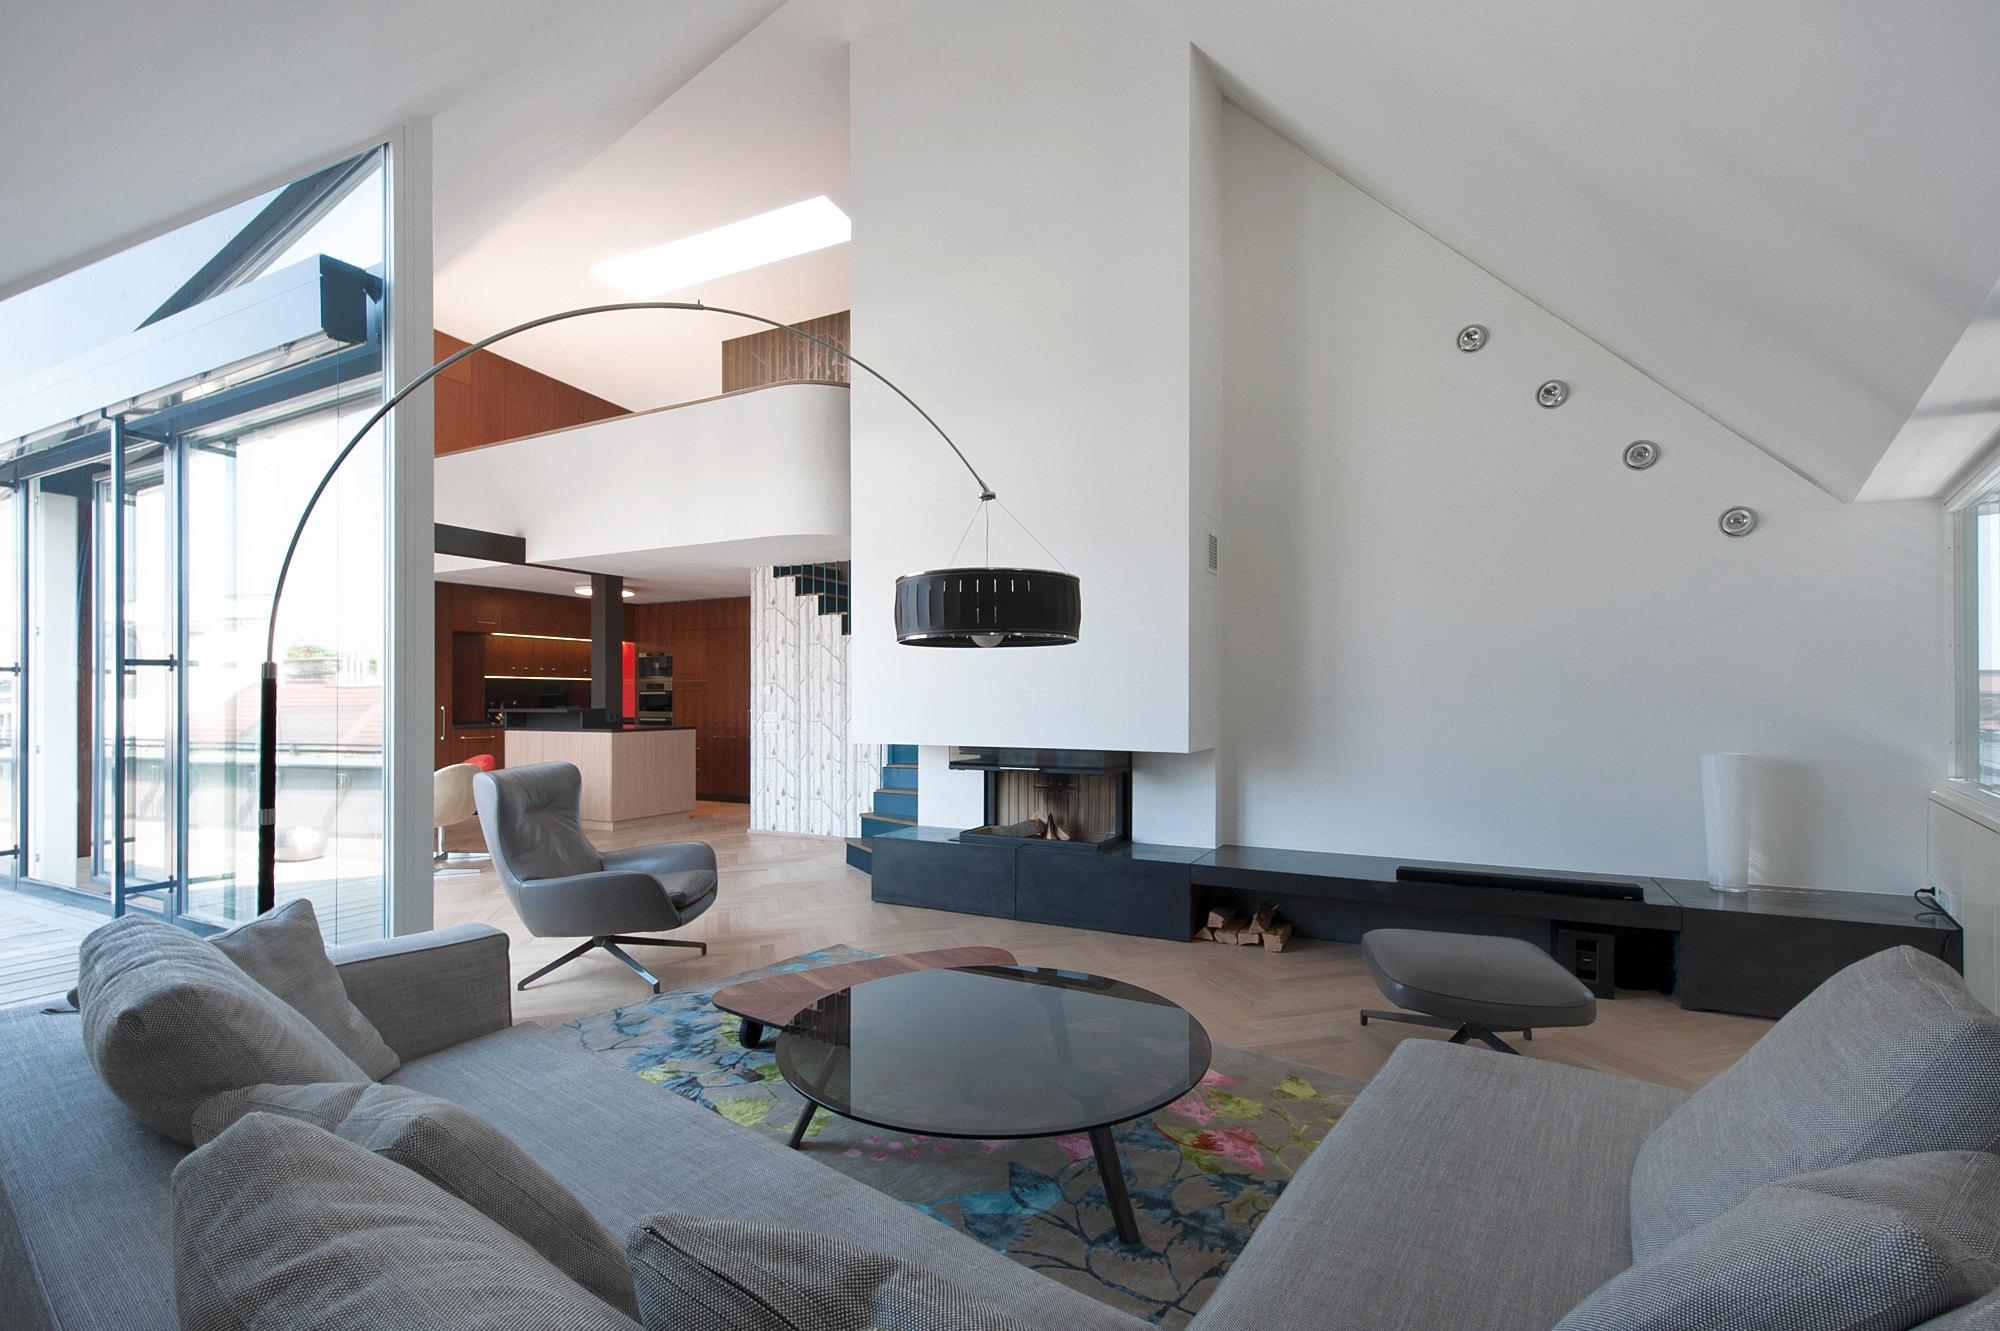 penthouse_W_05_umbau_dachausbau_1040_wien_junger_beer_architektur